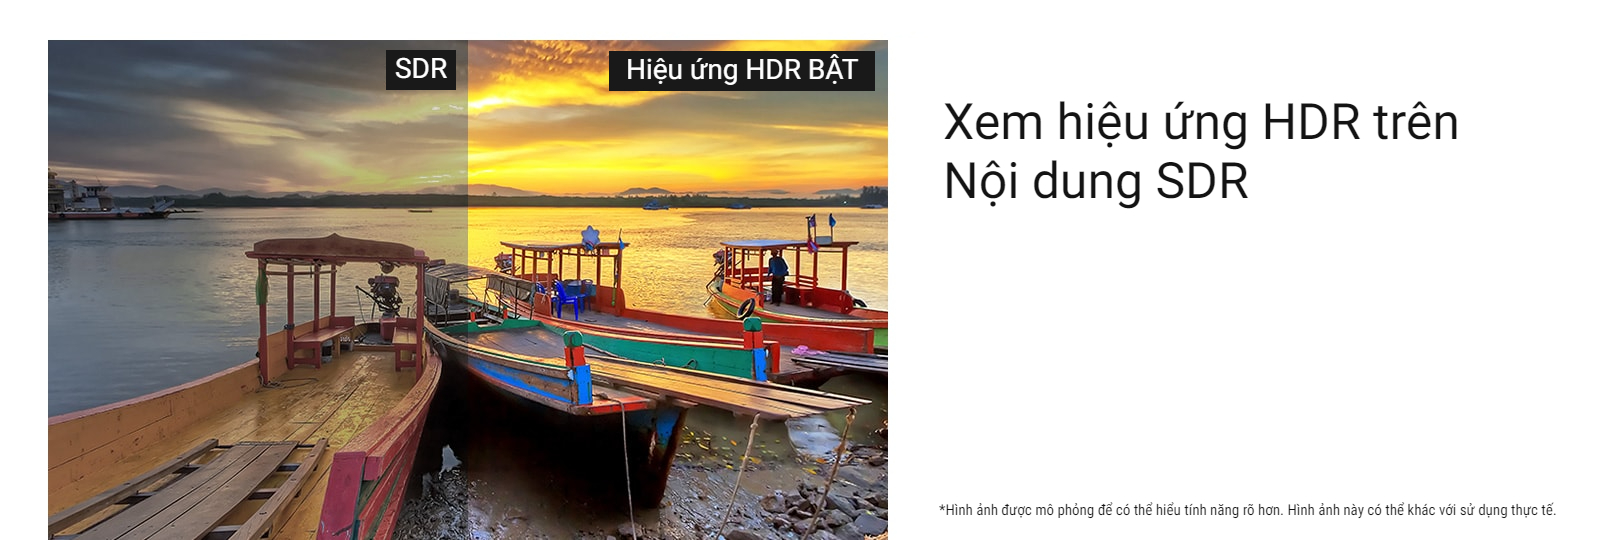 Xem hiệu ứng HDR trên nội dung SDR